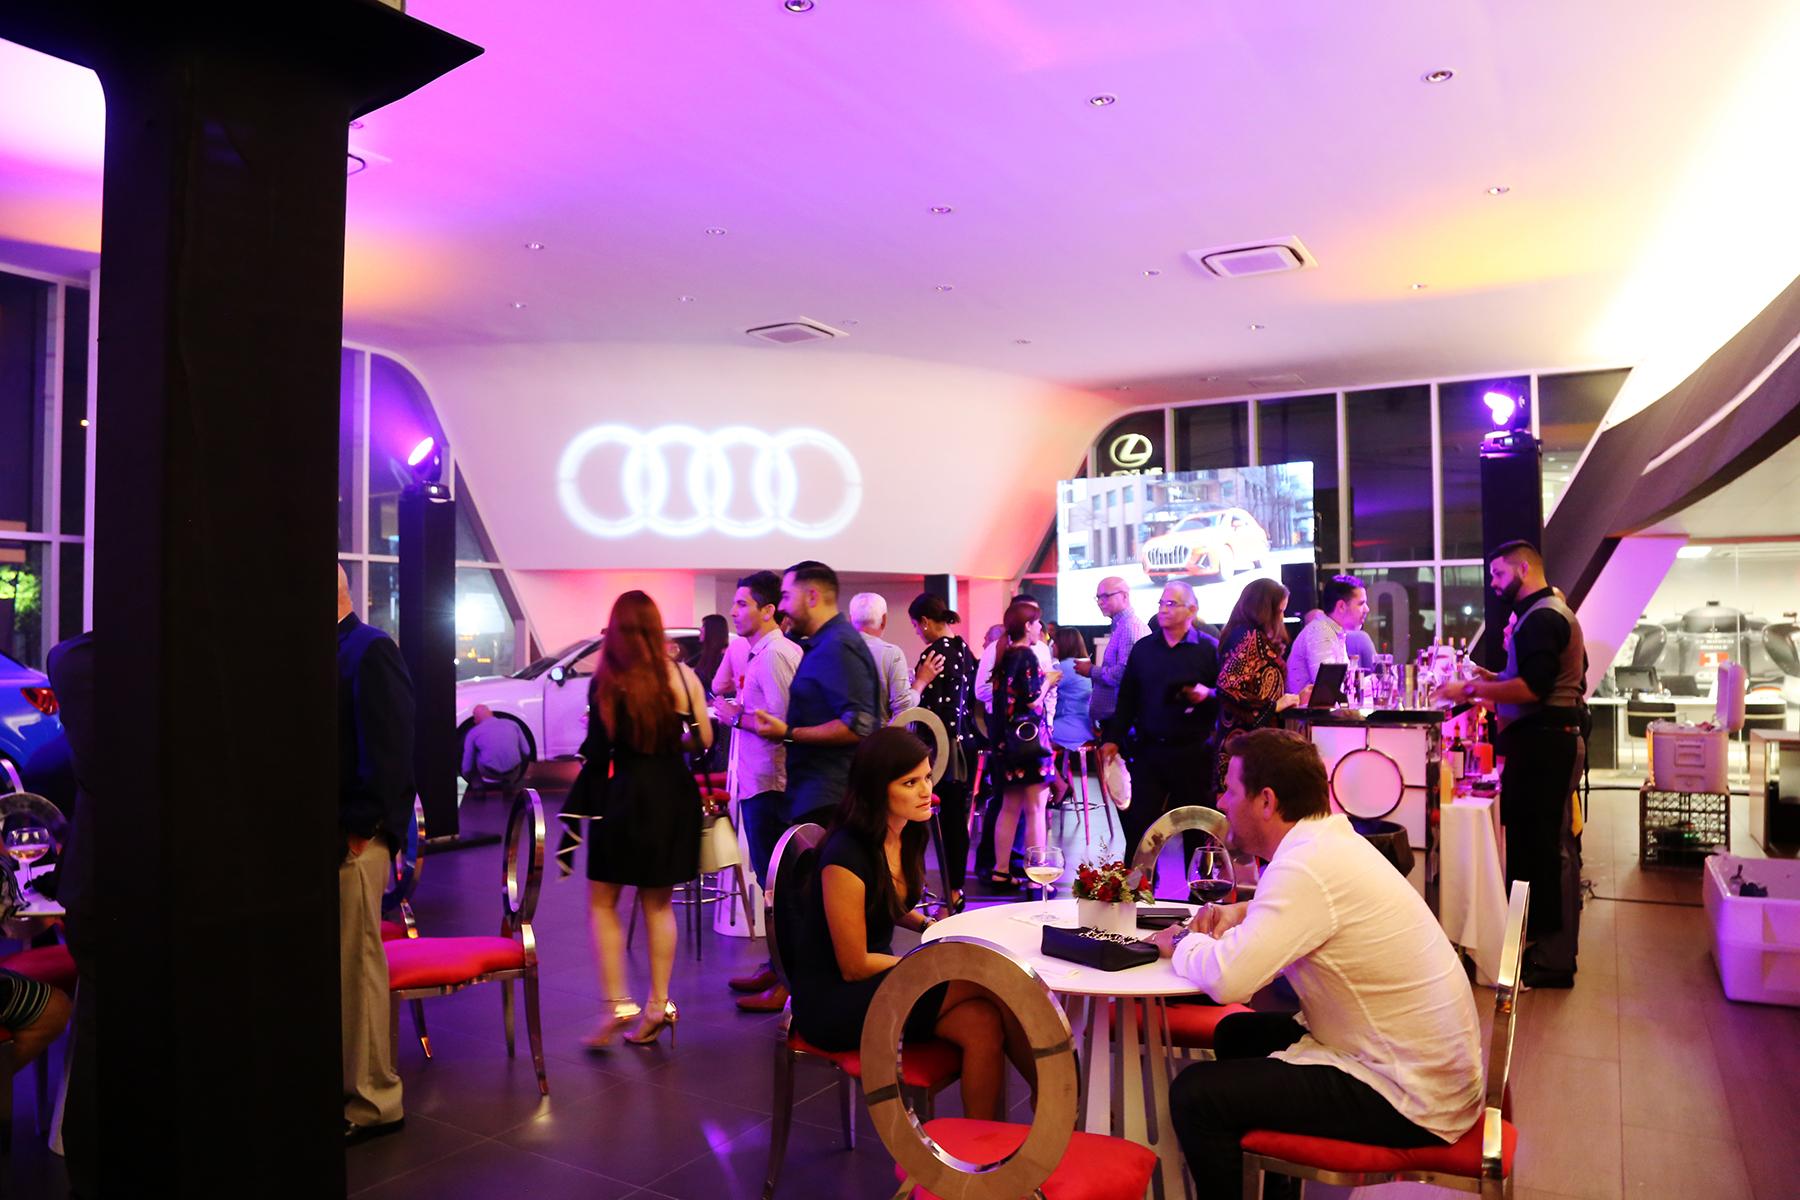 """Los asistentes escucharon la música de la DJ Rosamalia y gustaron de un """"open bar"""" con un menú de coctelería diseñado para la ocasión por el bartender Sergio Reyes, que incluyó tragos con el auspicio de Chivas Regal y Absolut Elyx. Foto Nichole Saldarriaga"""